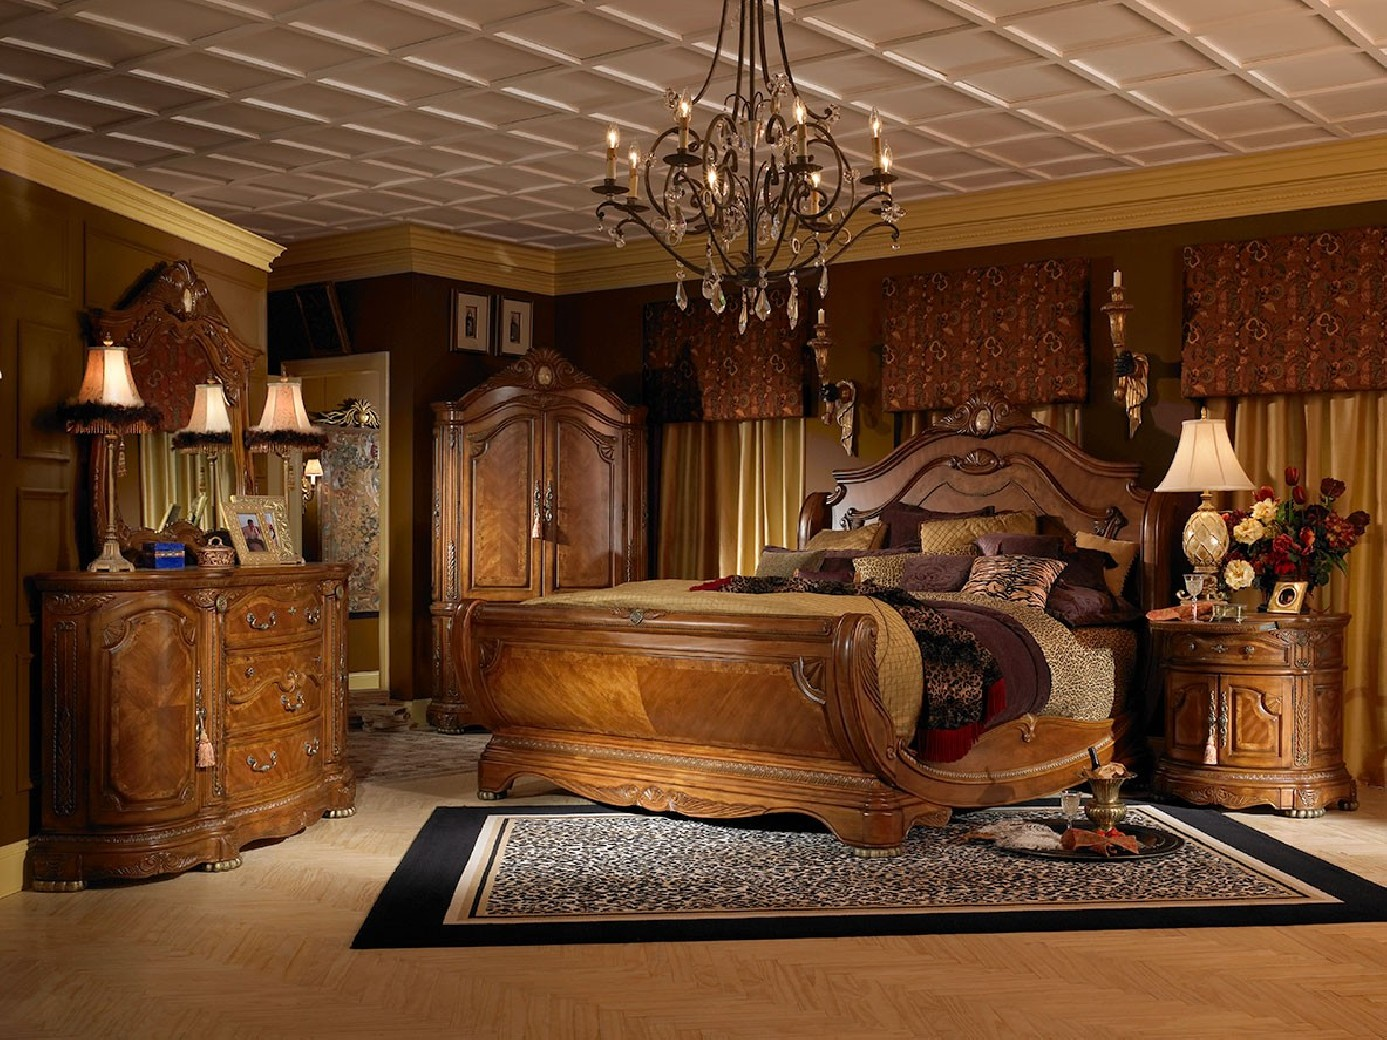 بالصور غرف نوم انيقه , اجمل غرف نوم فخمة وجذابة 3211 9